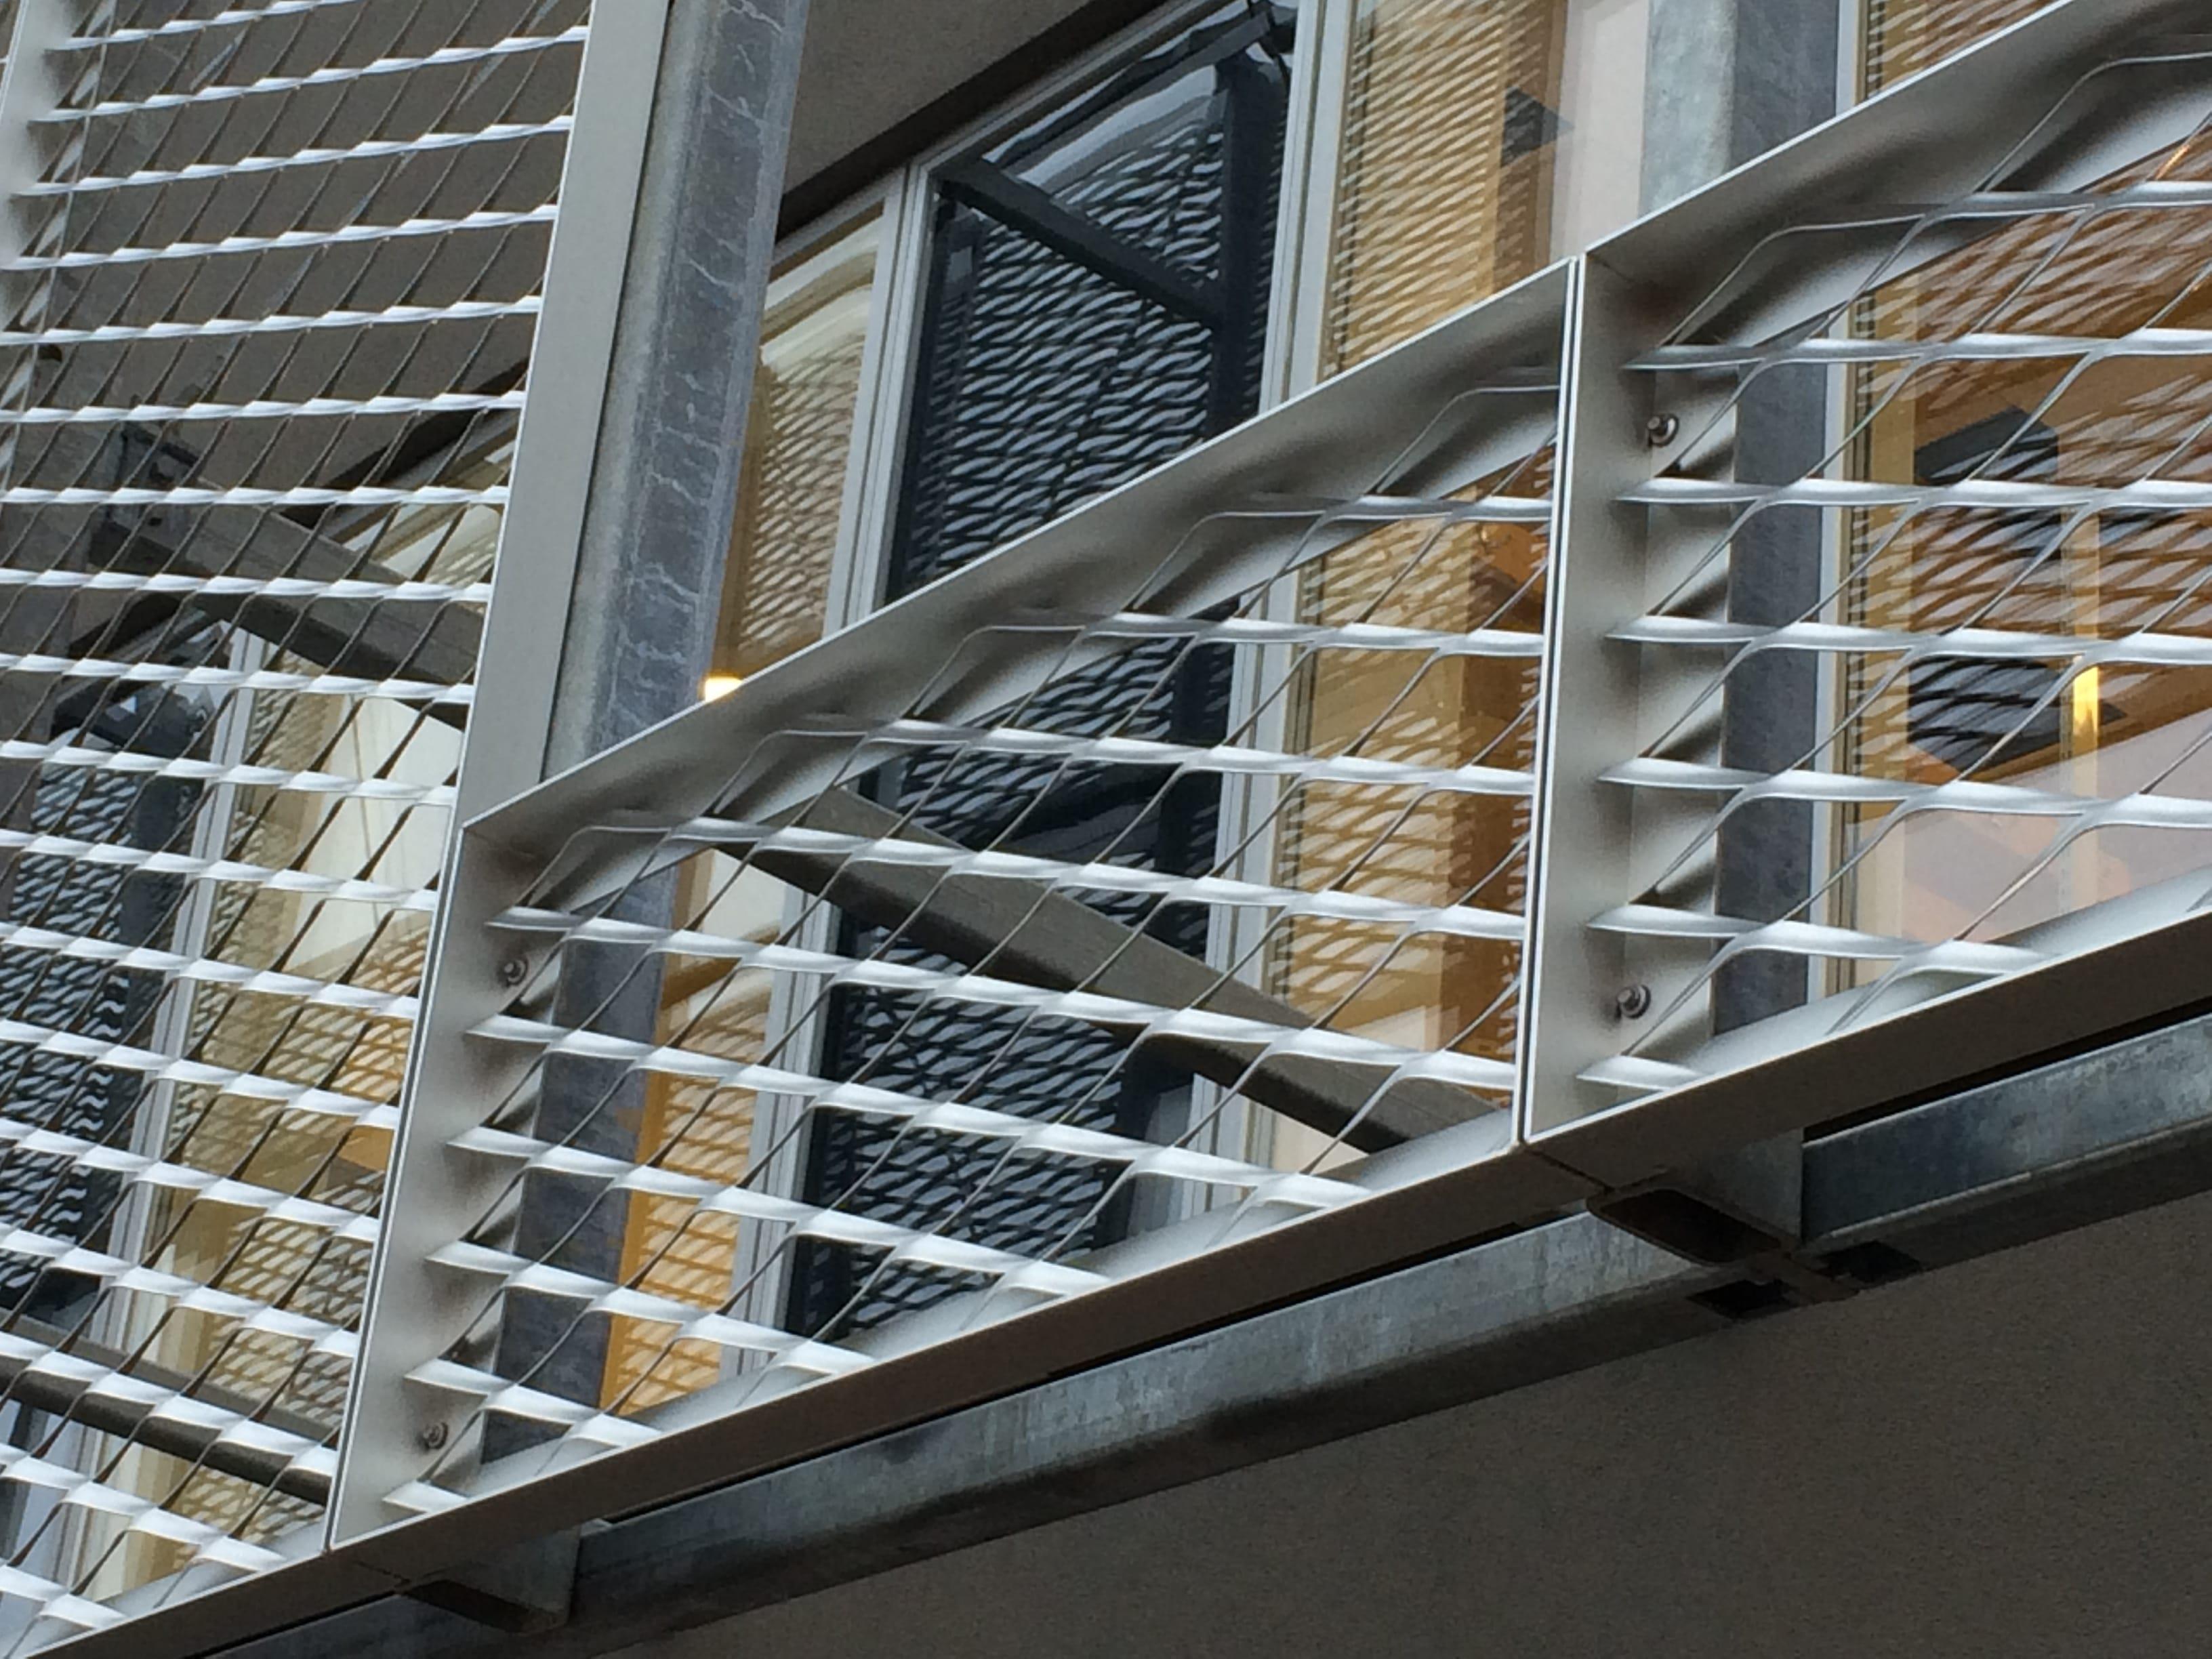 Strækmetal i rammer, facadebeklædning, solafskærmning